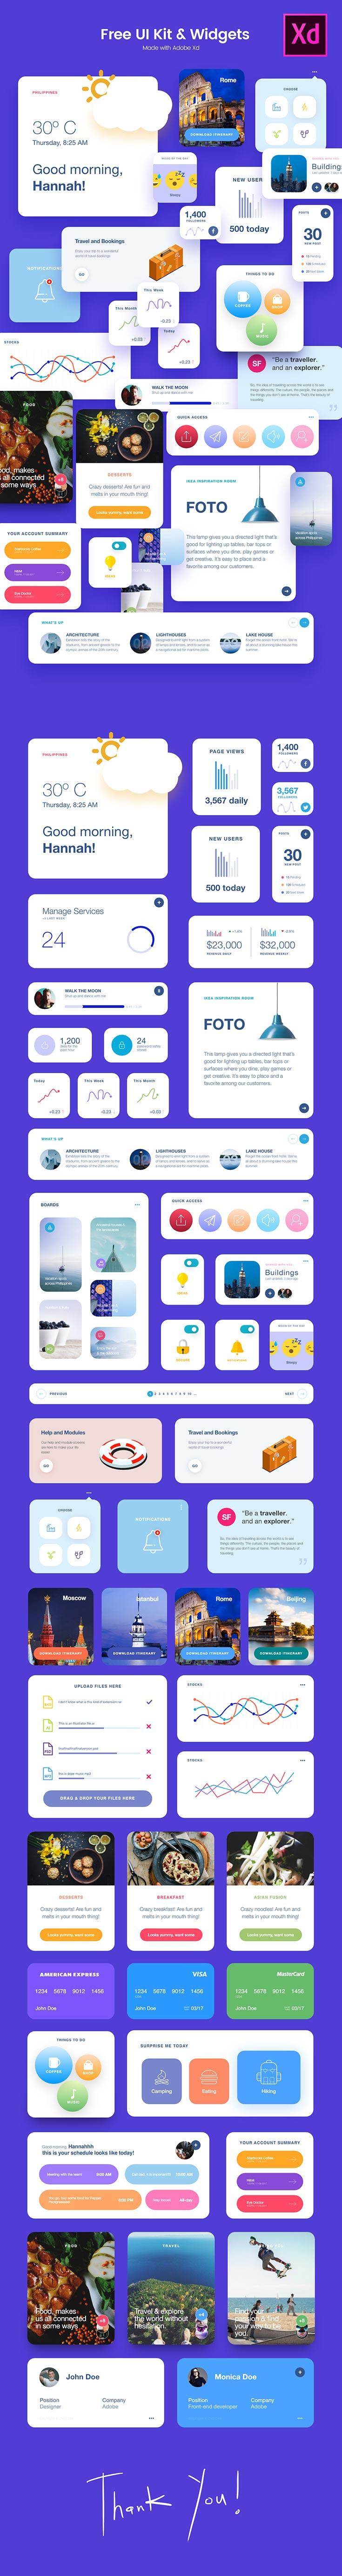 Free UI Kit and Widgets